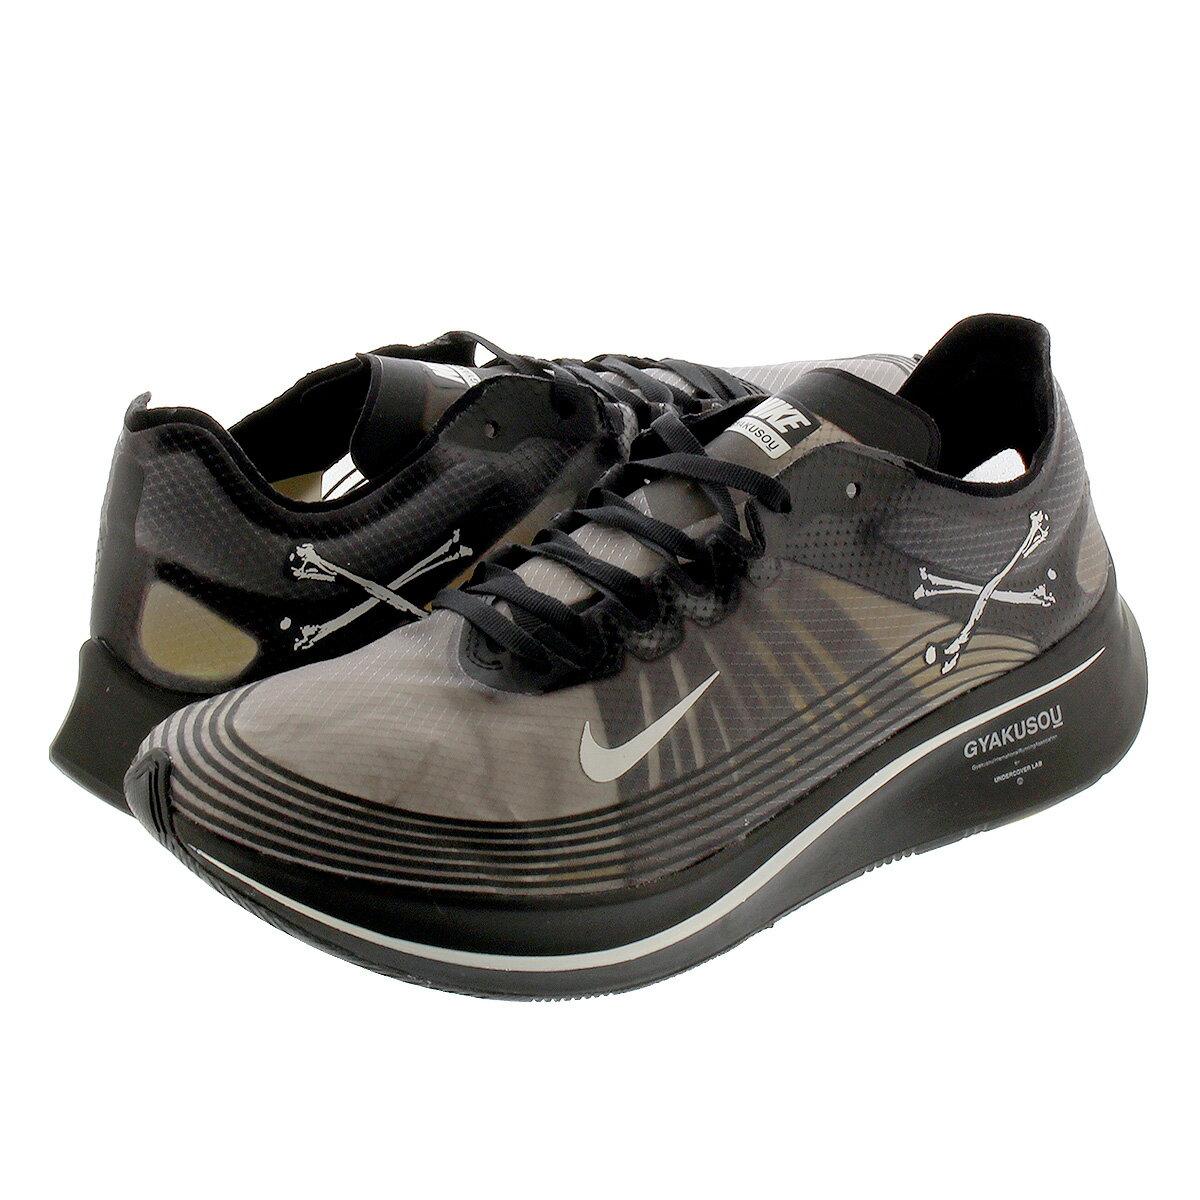 メンズ靴, スニーカー  NIKE ZOOM FLY GYAKUSOU BLACKSAILMINERAL YELLOW ar4349-001